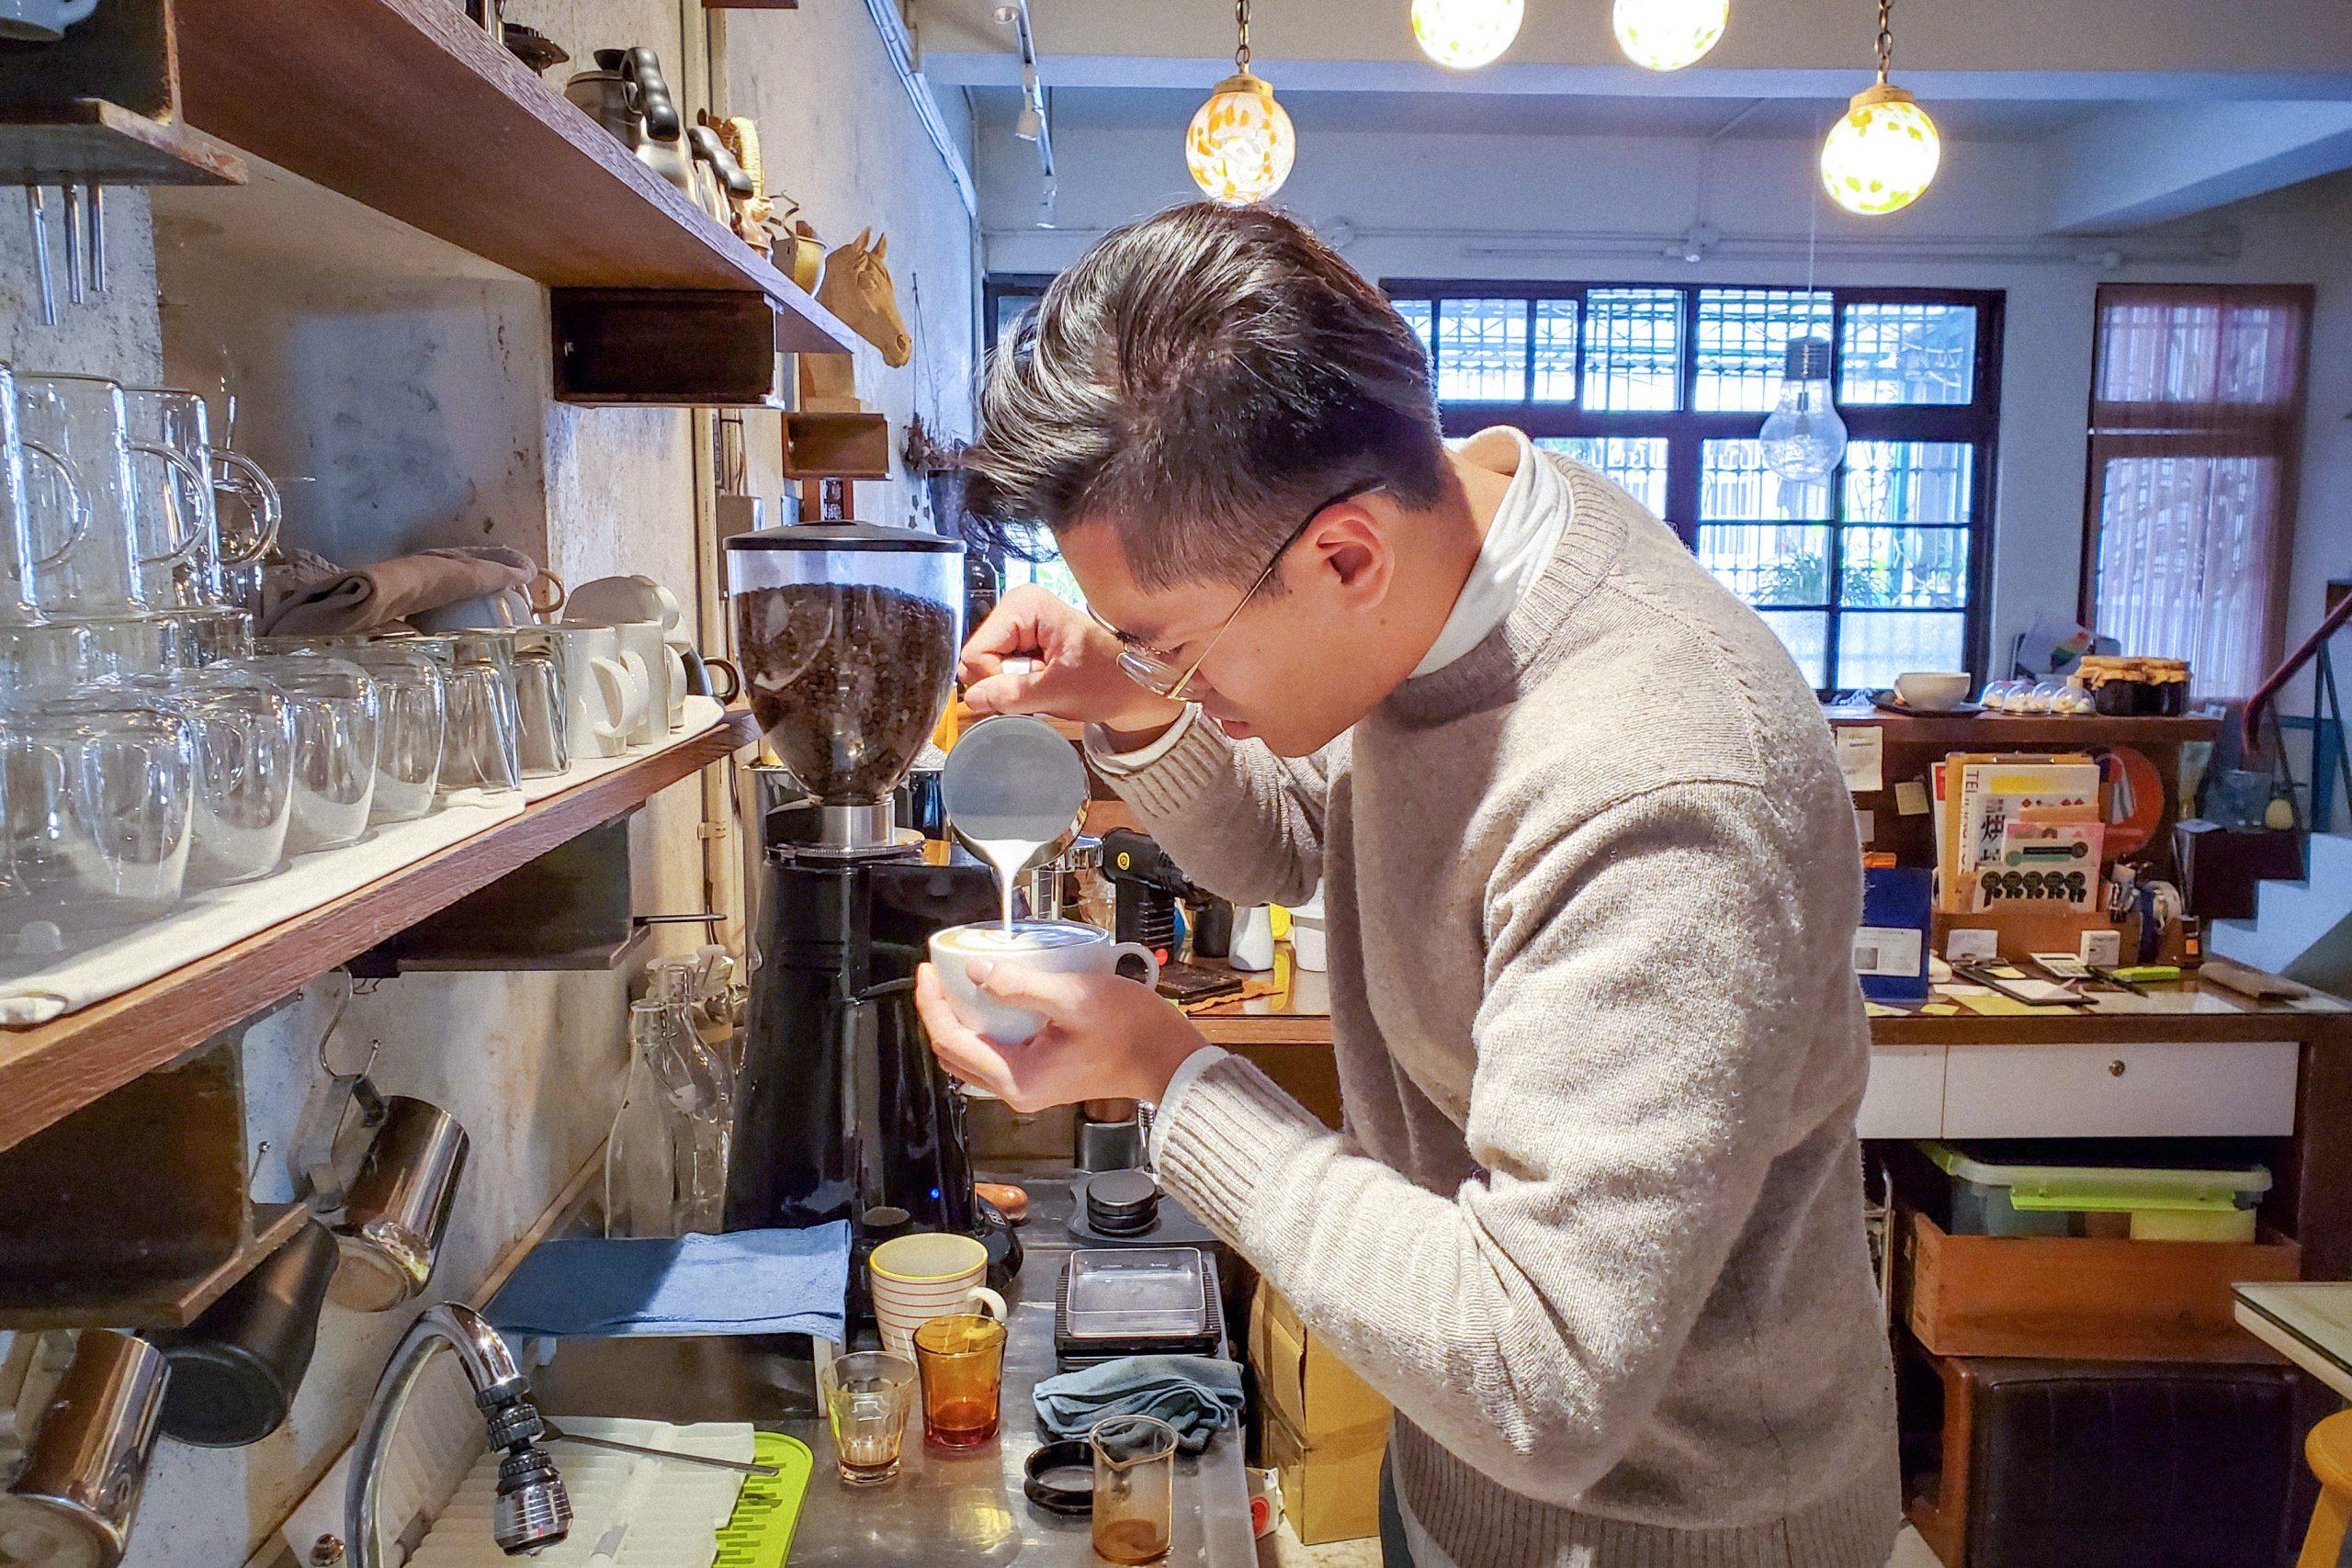 台灣 台灣味市集 pop-up 南豐紗廠 台灣好物 鳥山商號 Andy 咖啡 手沖咖啡